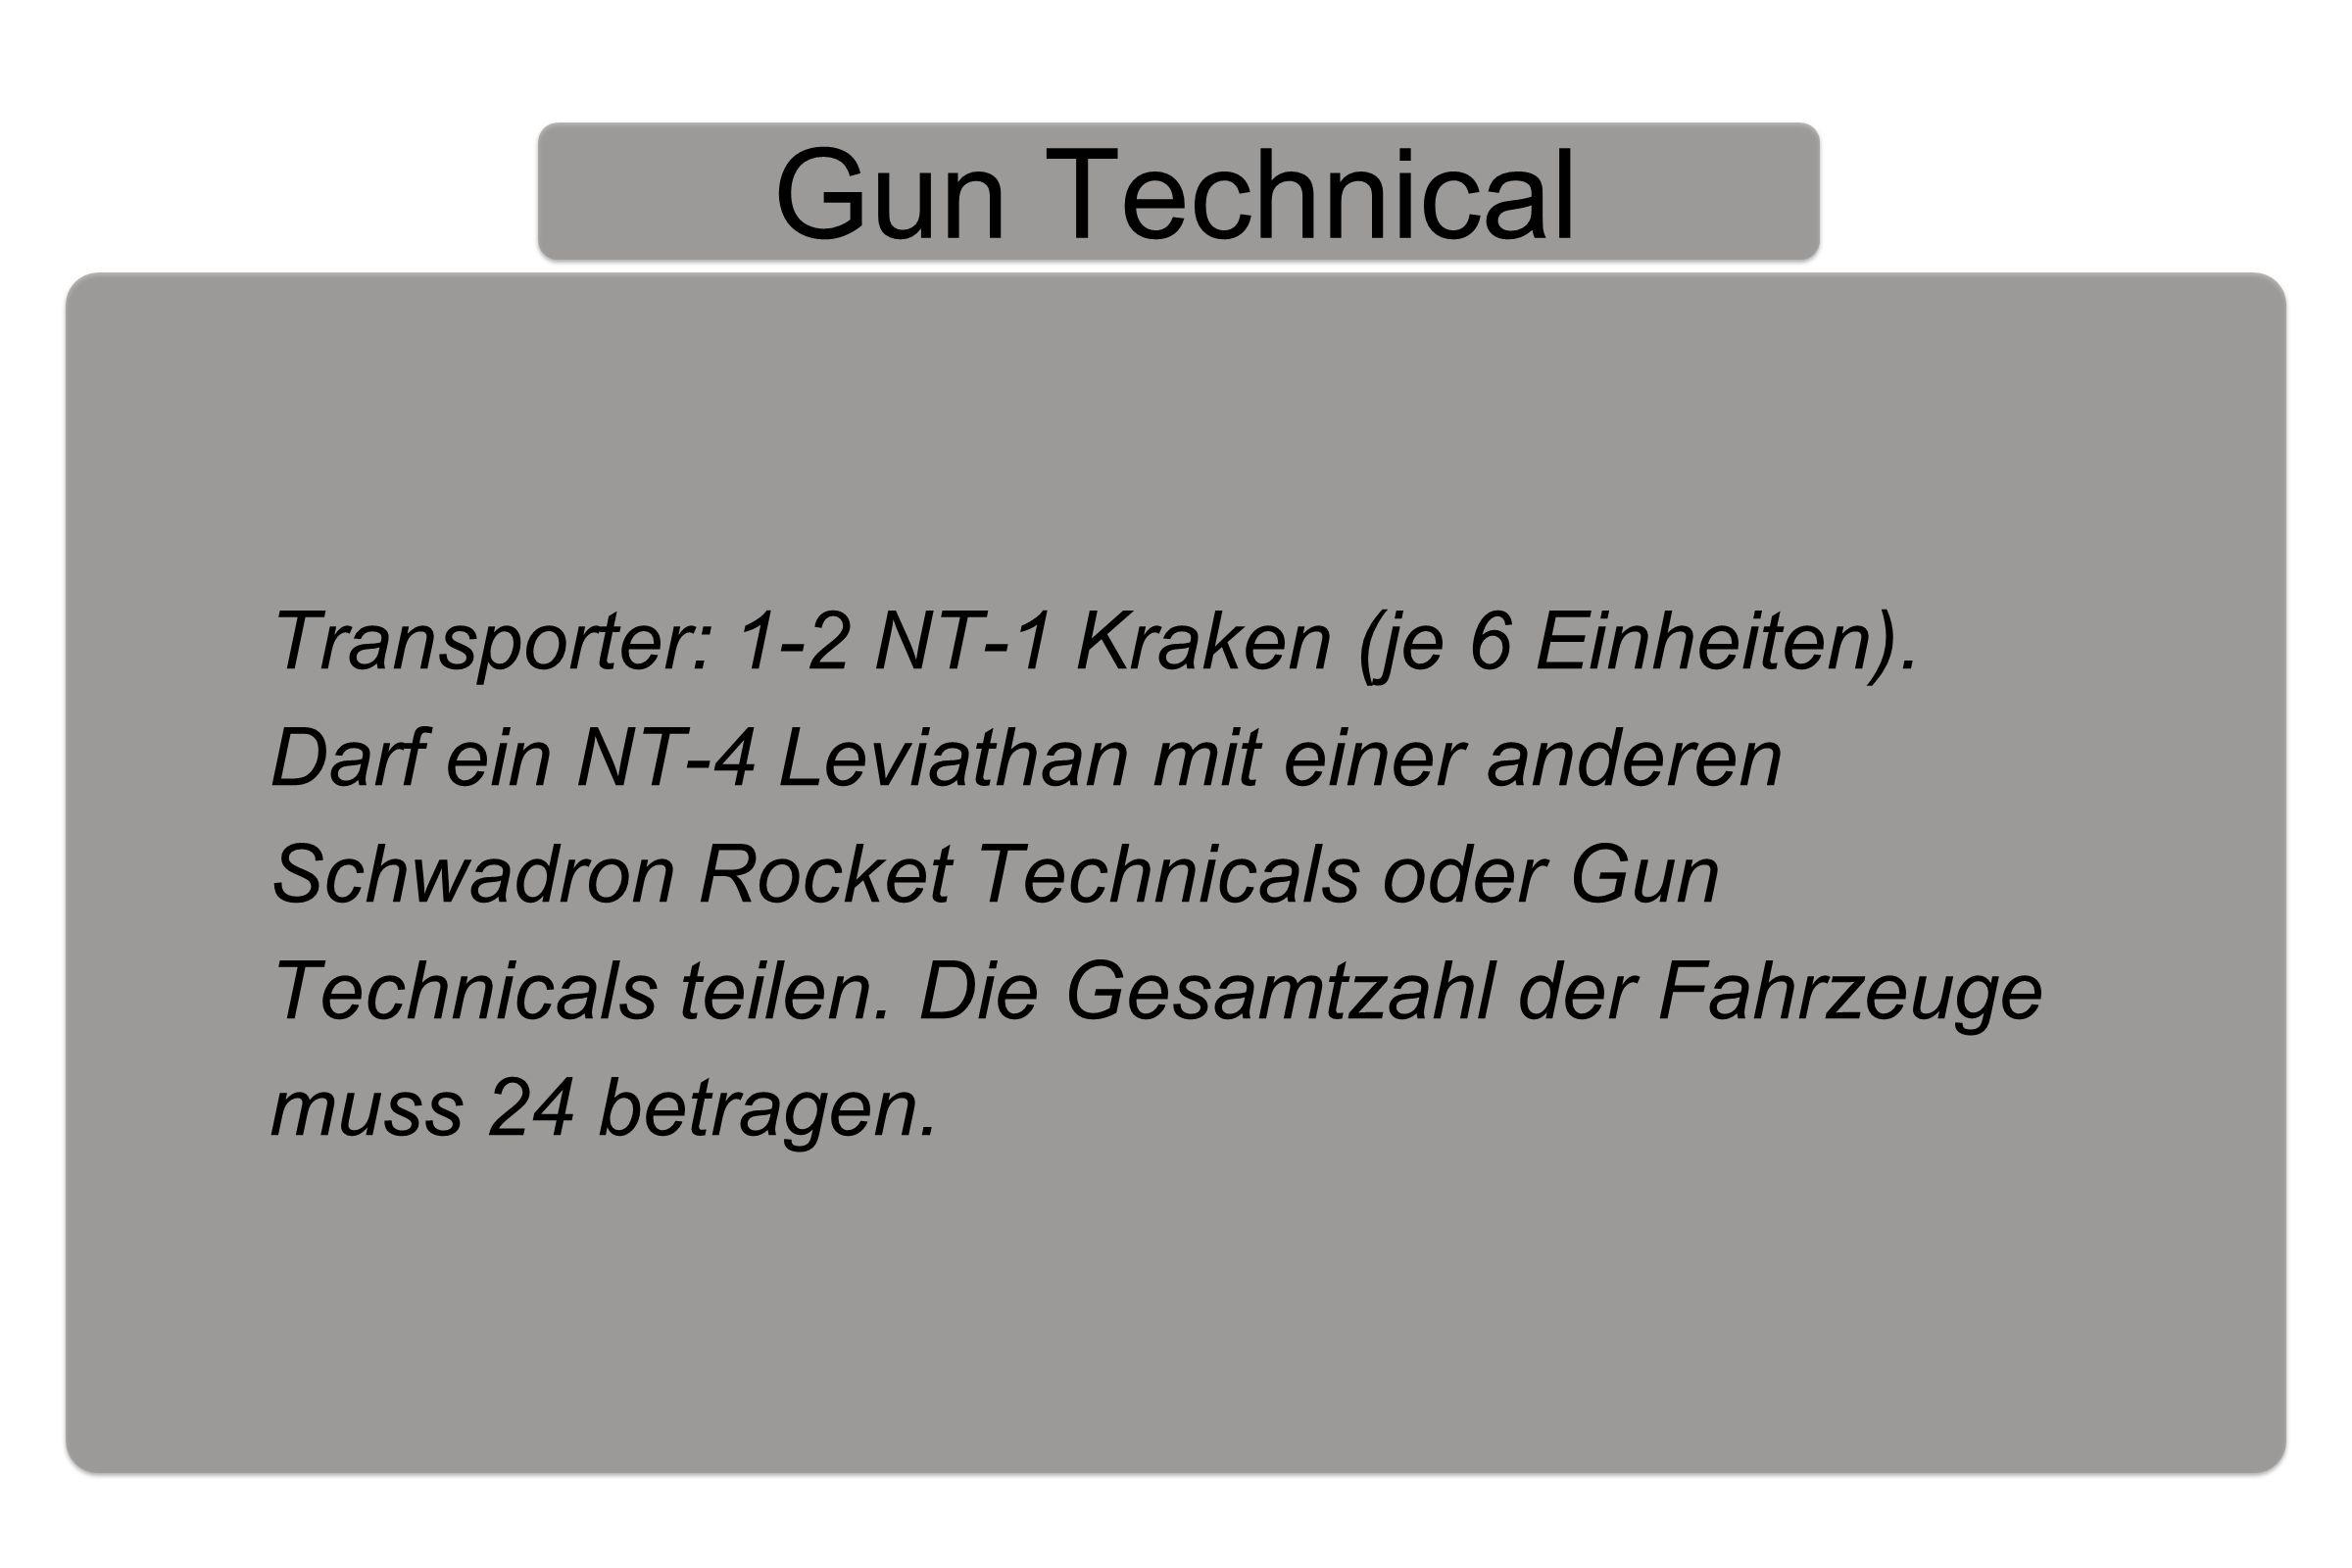 Gun Technical Transporter: 1-2 NT-1 Kraken (je 6 Einheiten).